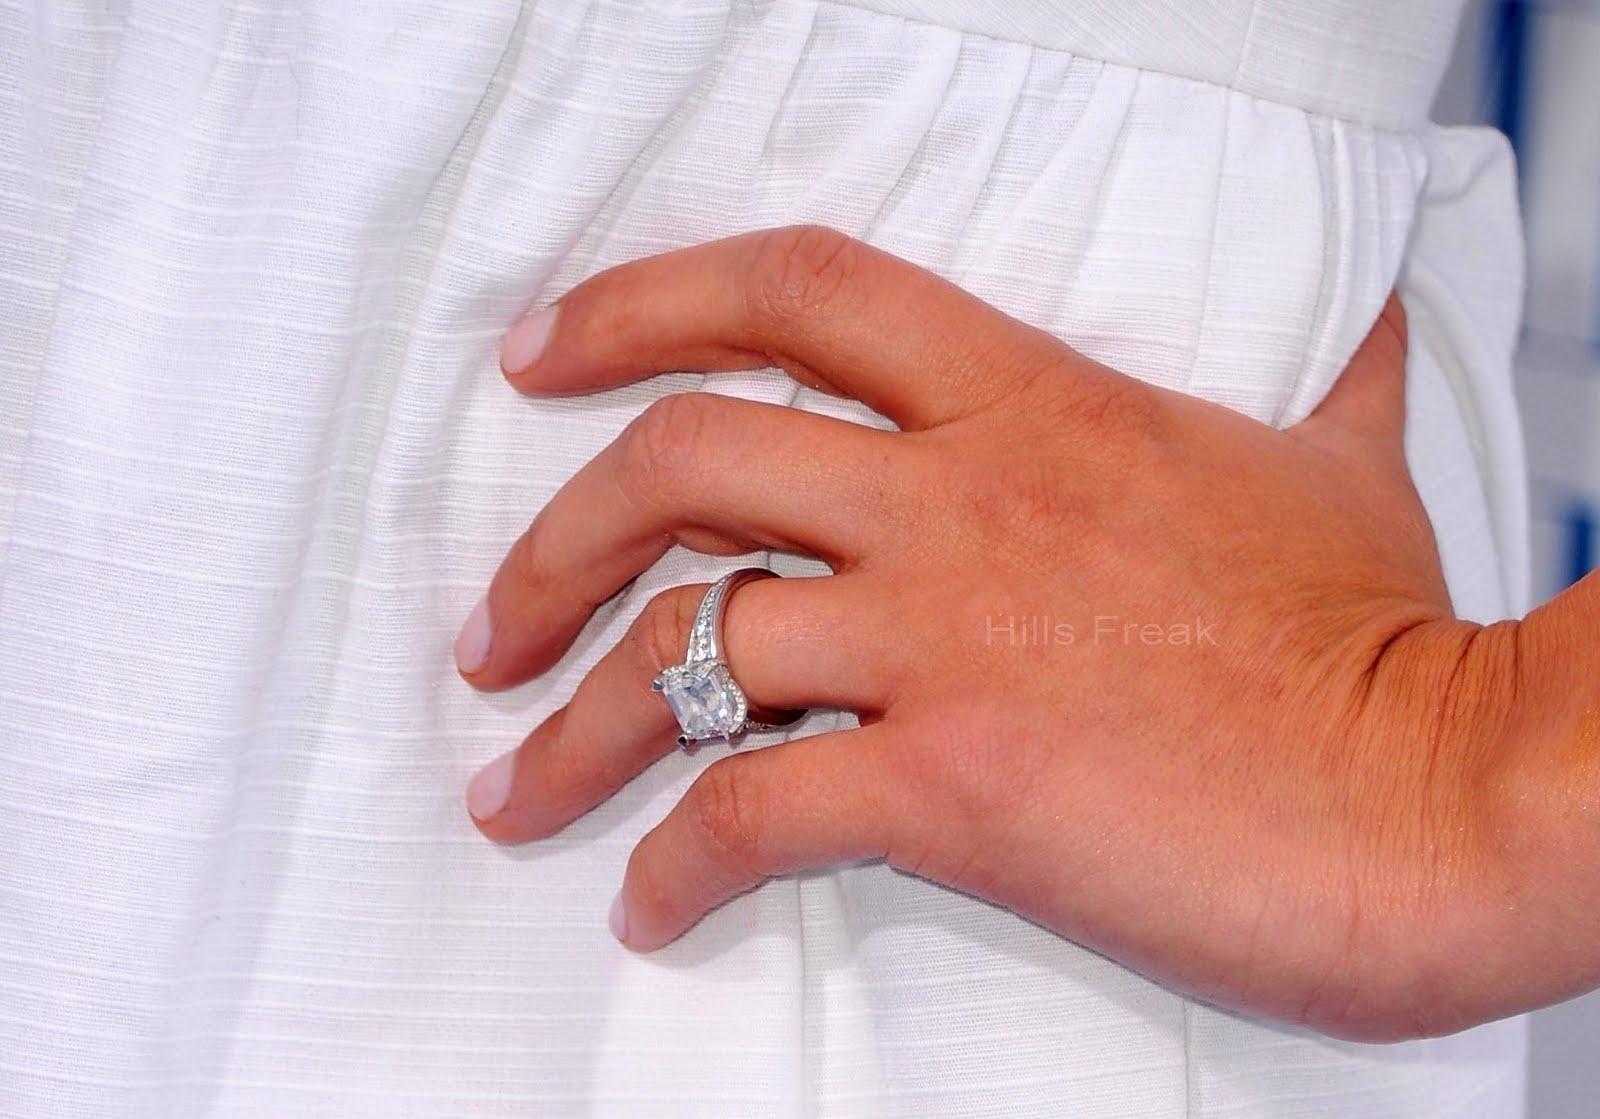 Lauren Conrad Shares NeverBeforeSeen Wedding Photo to